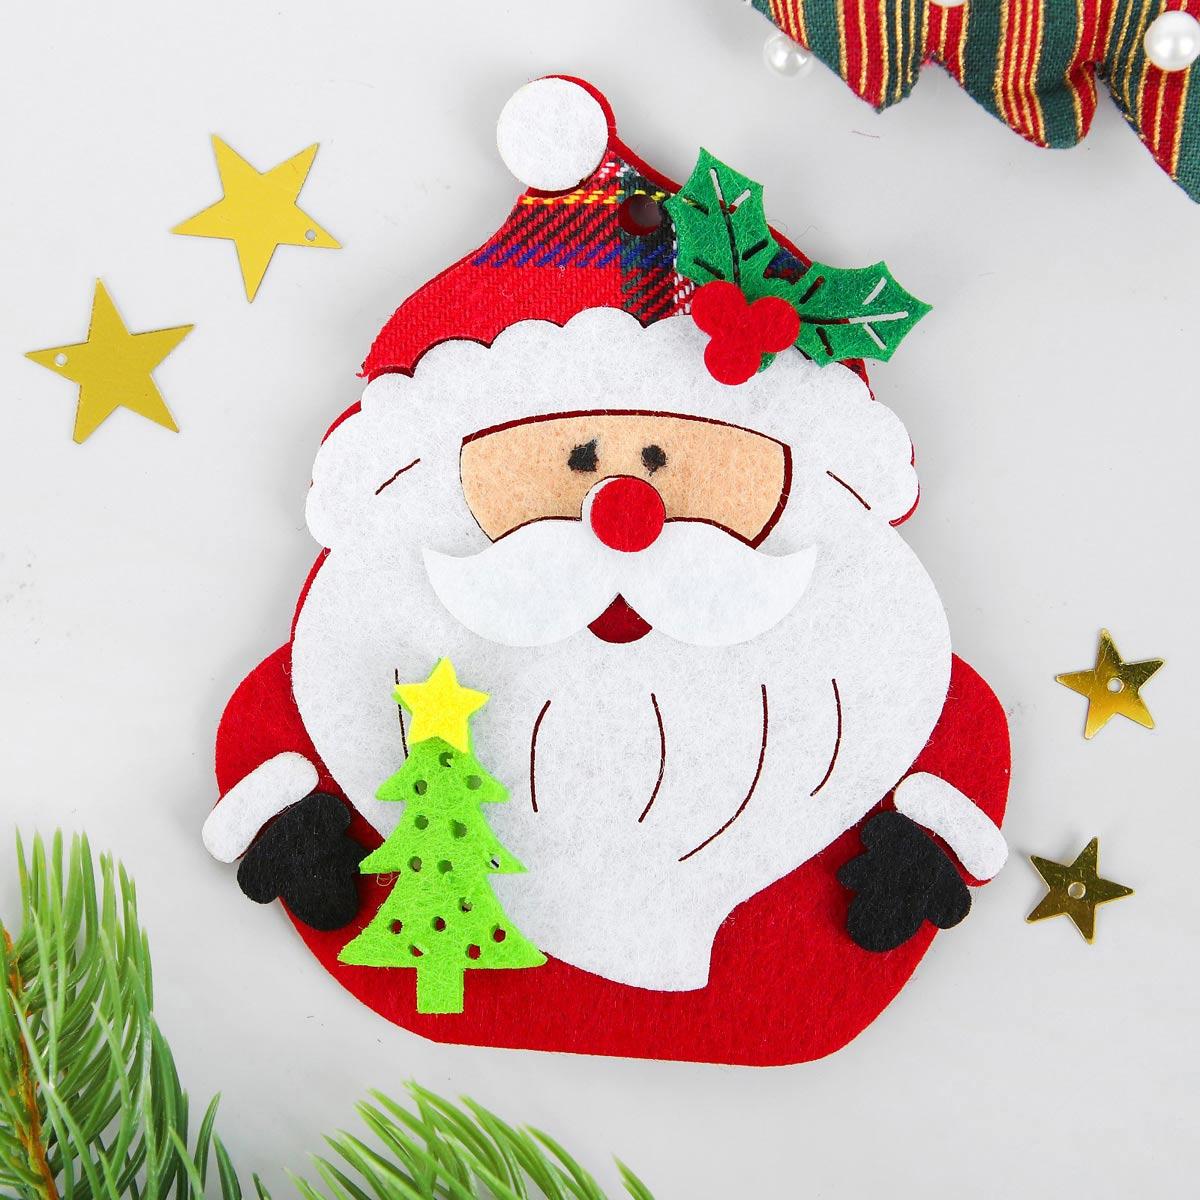 3555008 Набор для творчества - создай елочное украшение из фетра 'Дед мороз с елочкой'